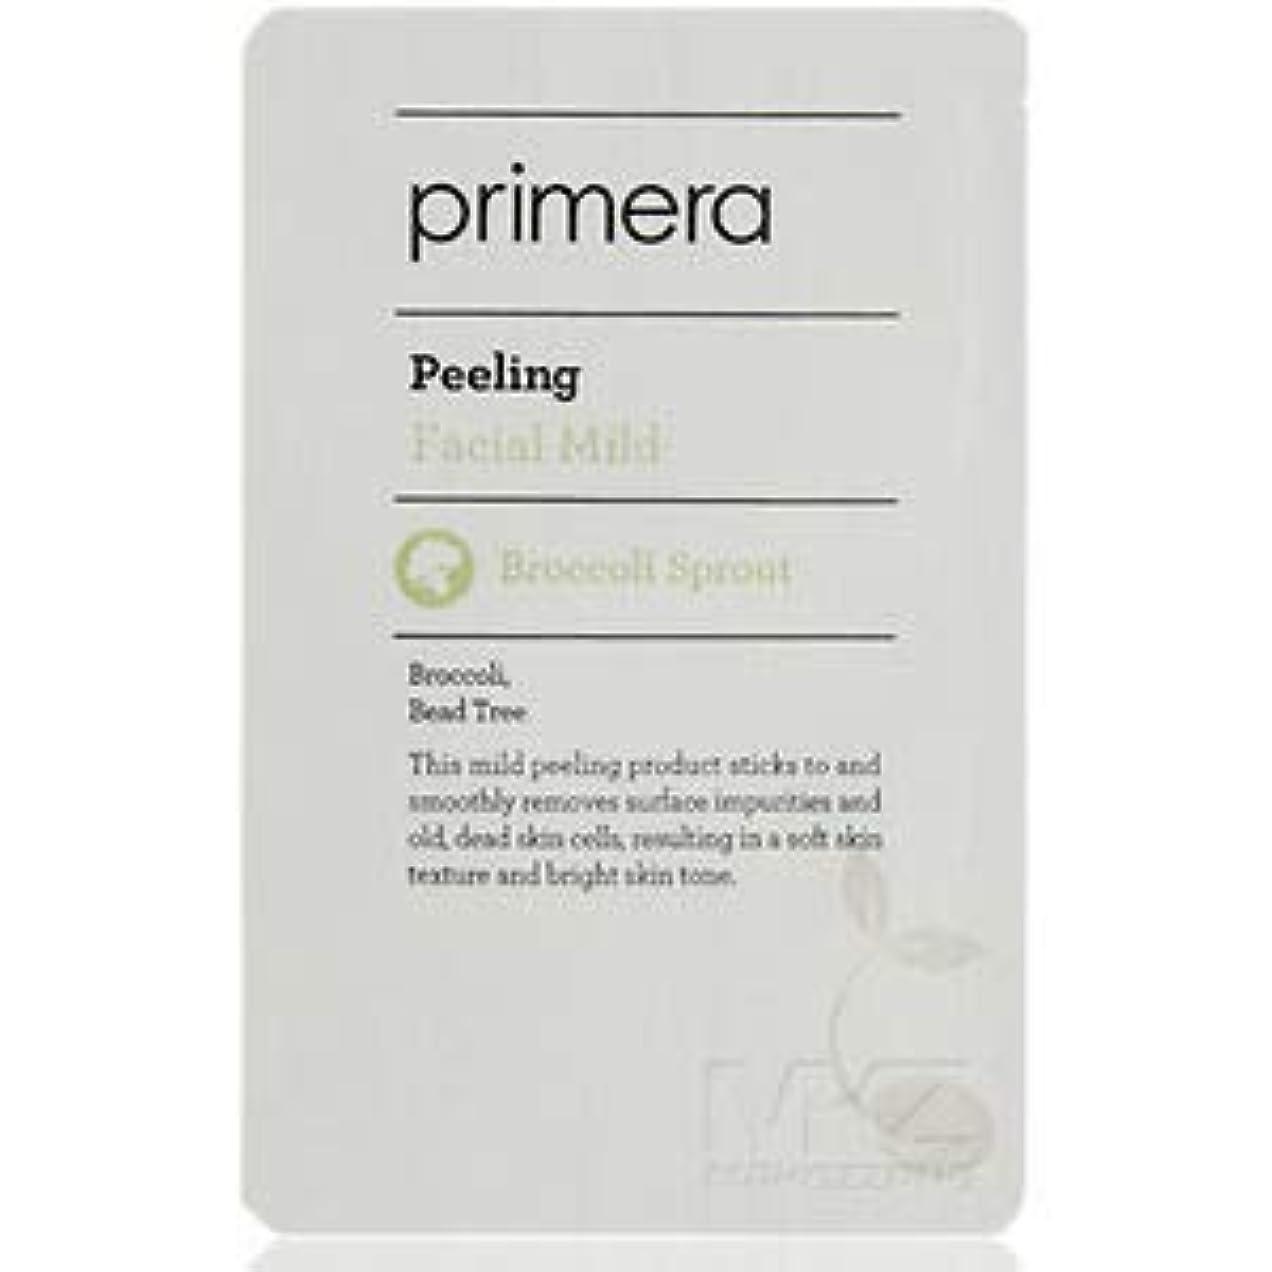 放棄された批判的するPrimera facial mild peeling sample20EA [並行輸入品]